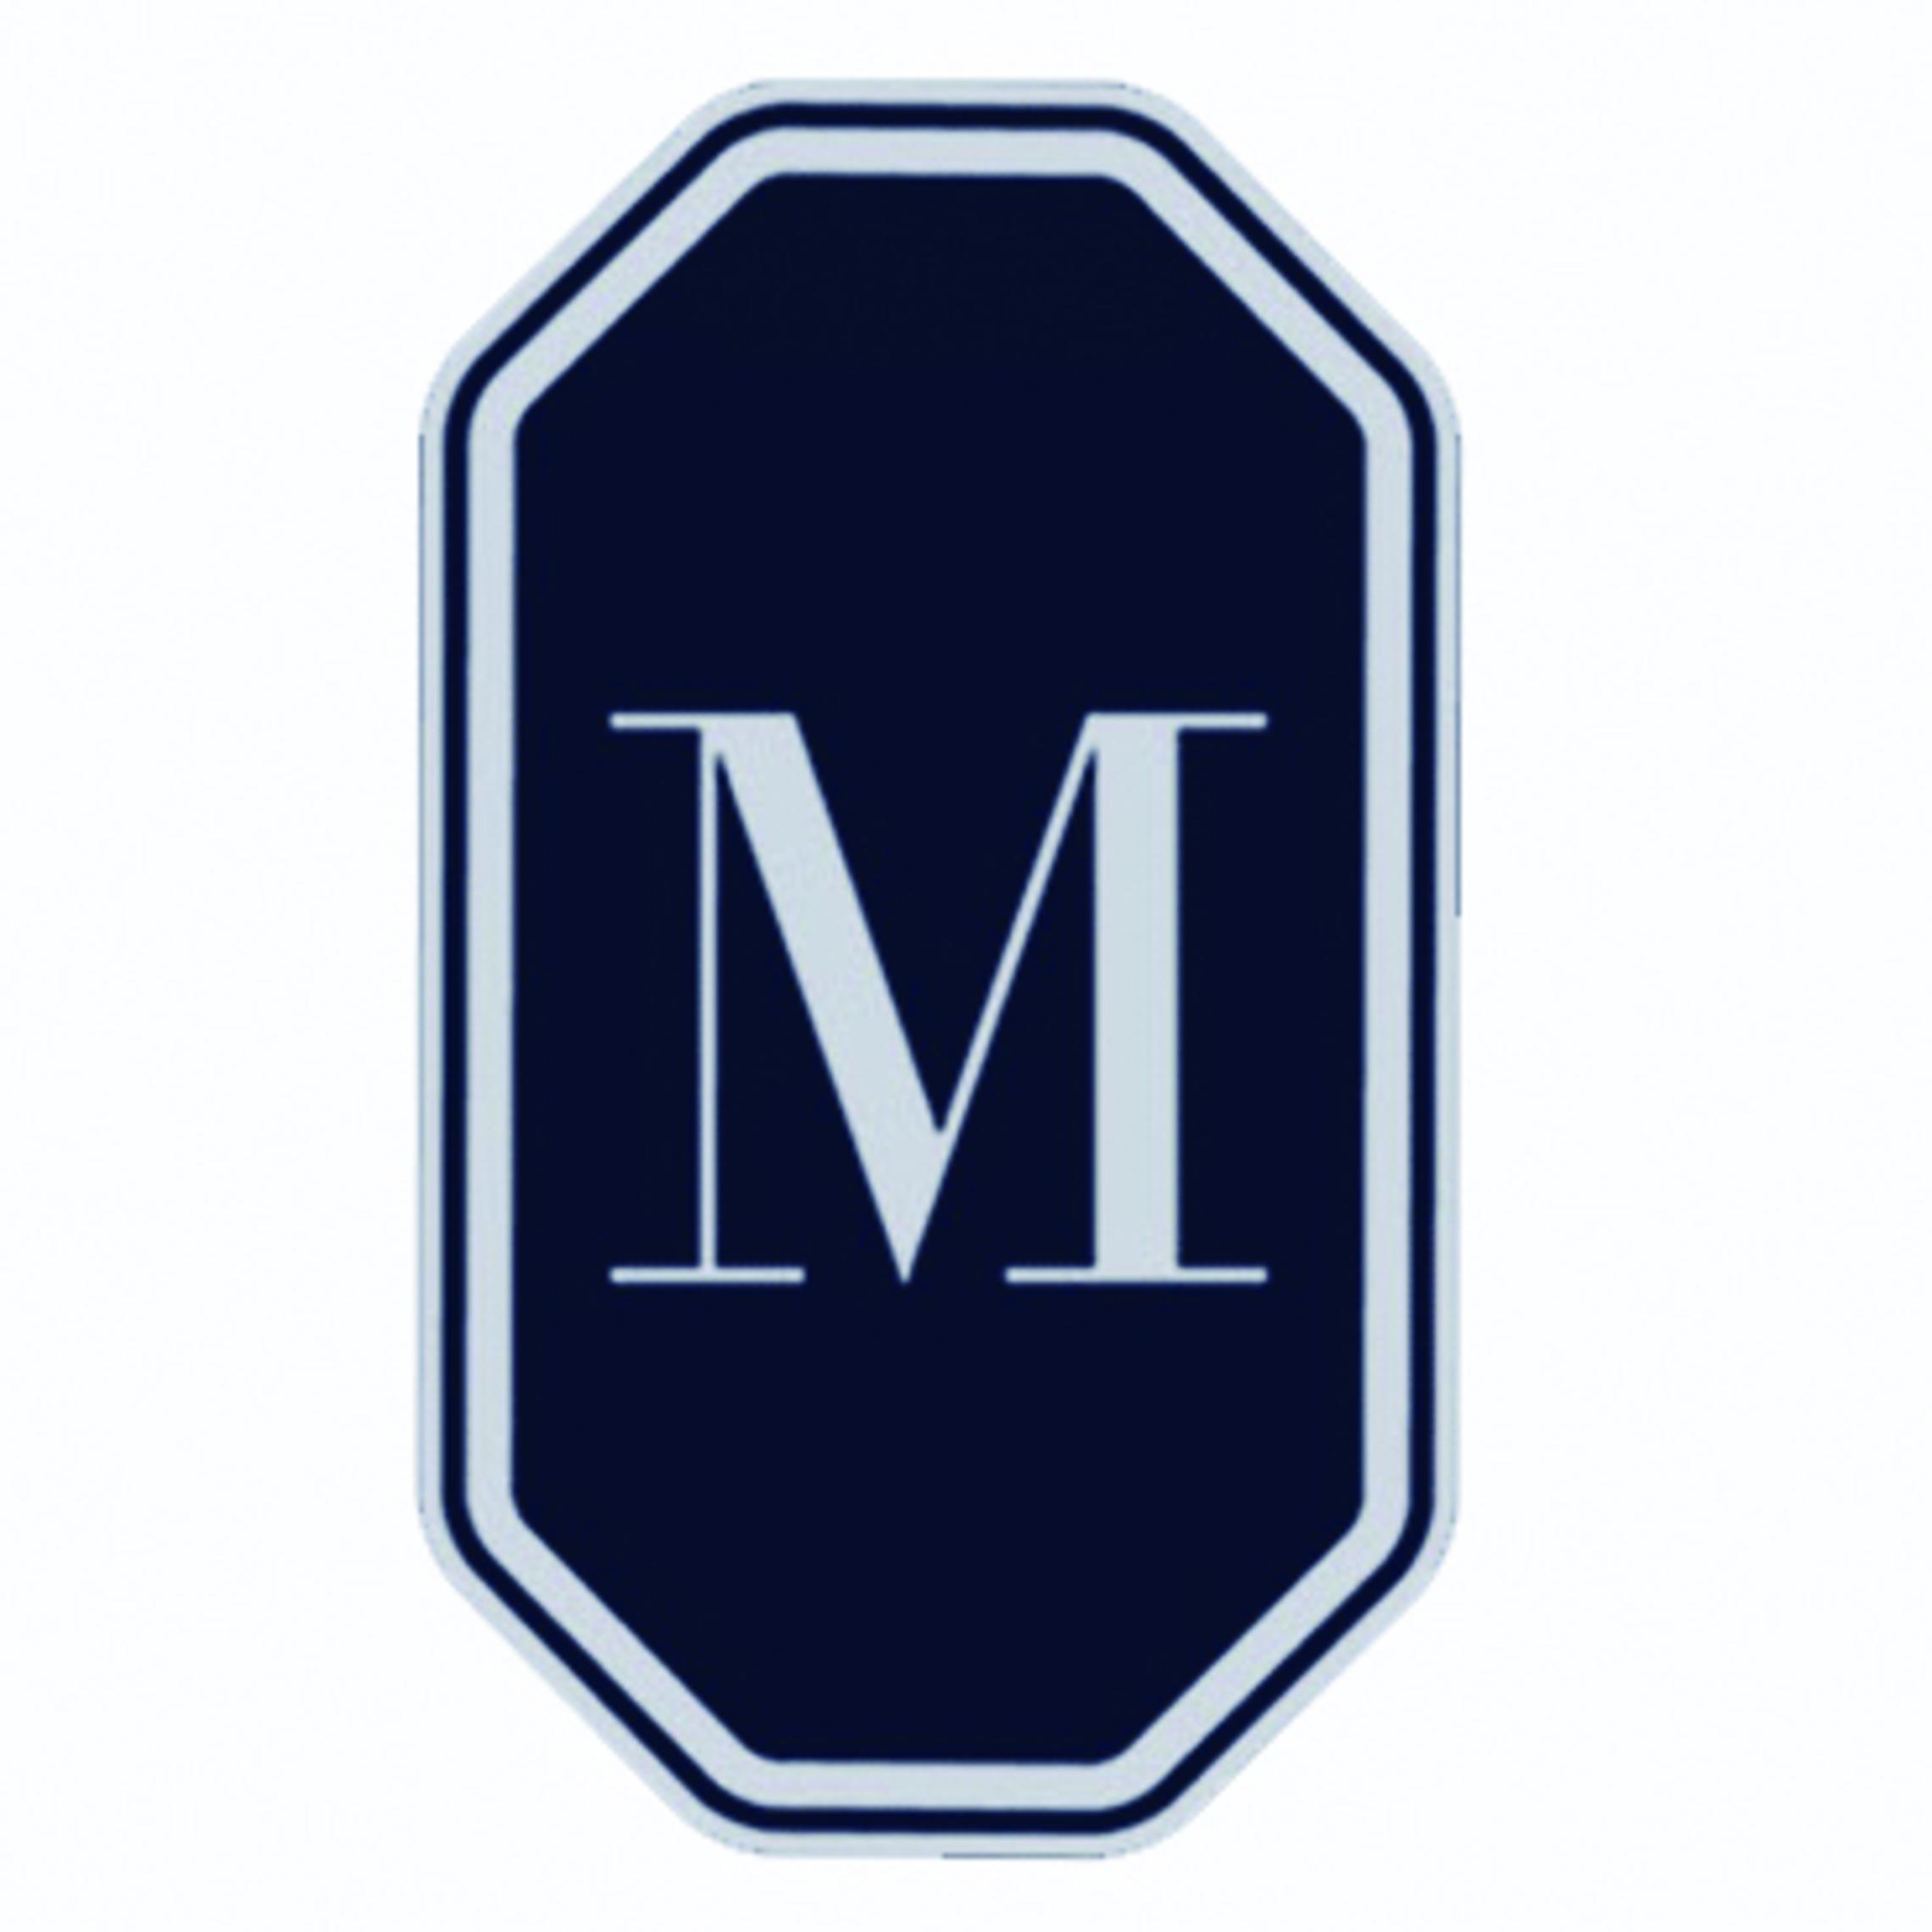 mccreedyblue- company logo